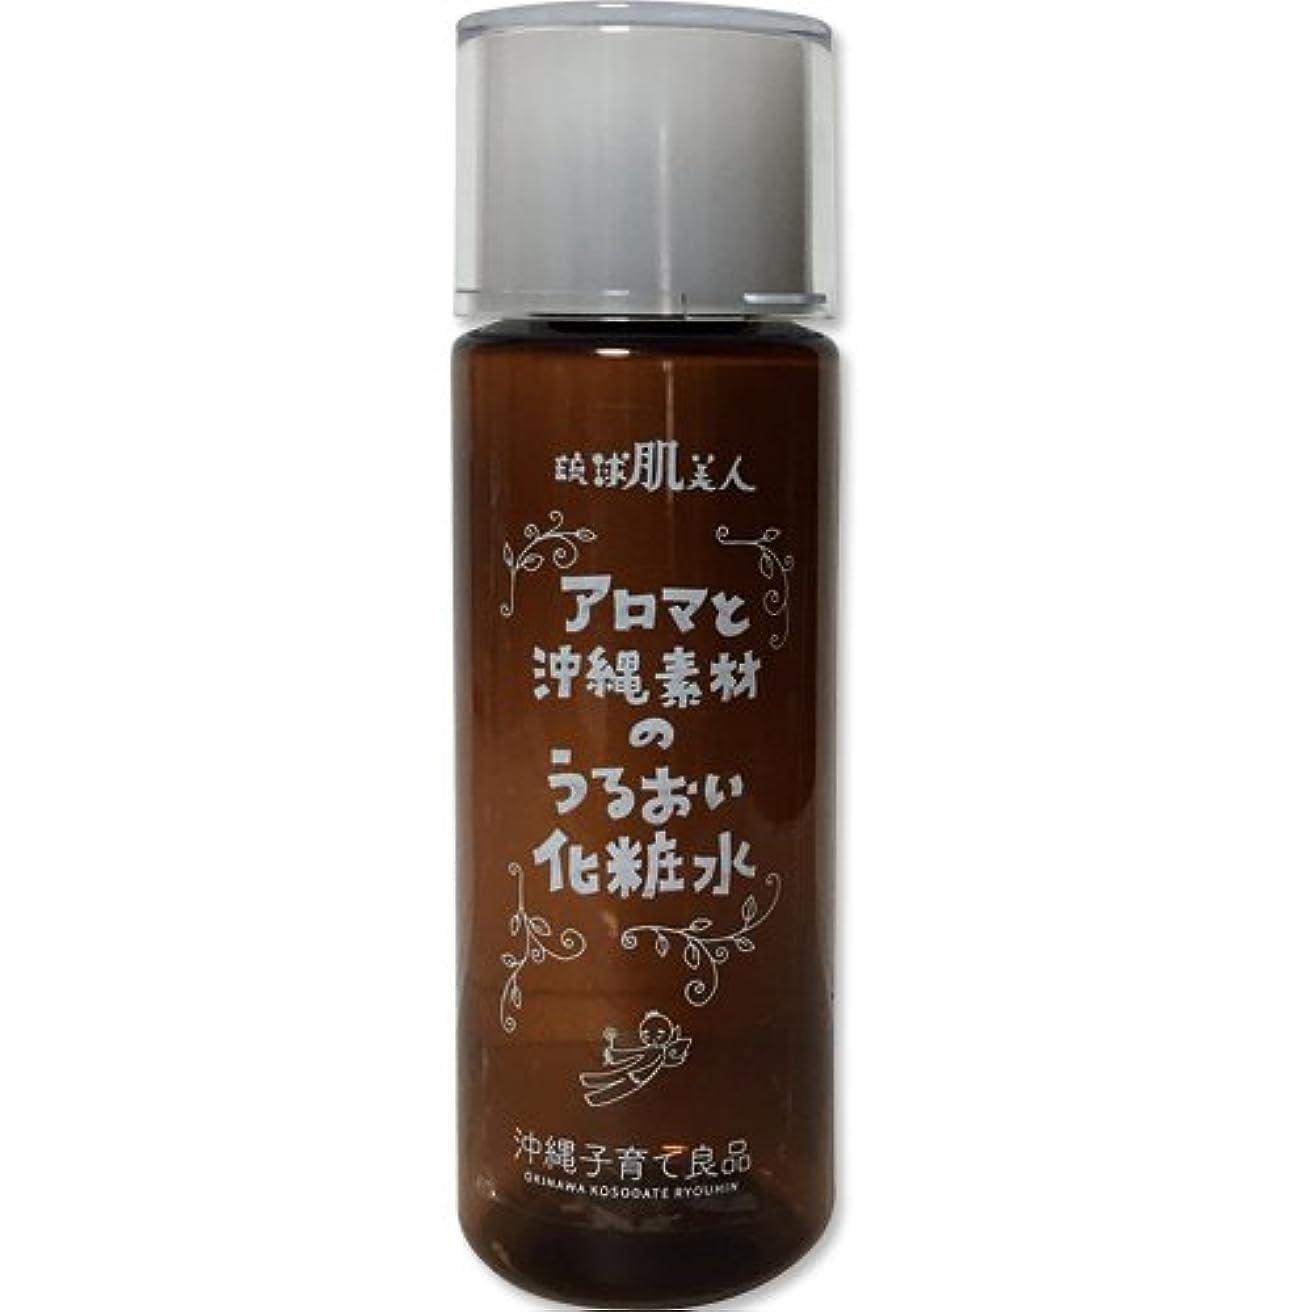 扇動するメドレーローラー保湿 化粧水 無添加 アルコールフリー アロマと沖縄素材のうるおい化粧水 120ml